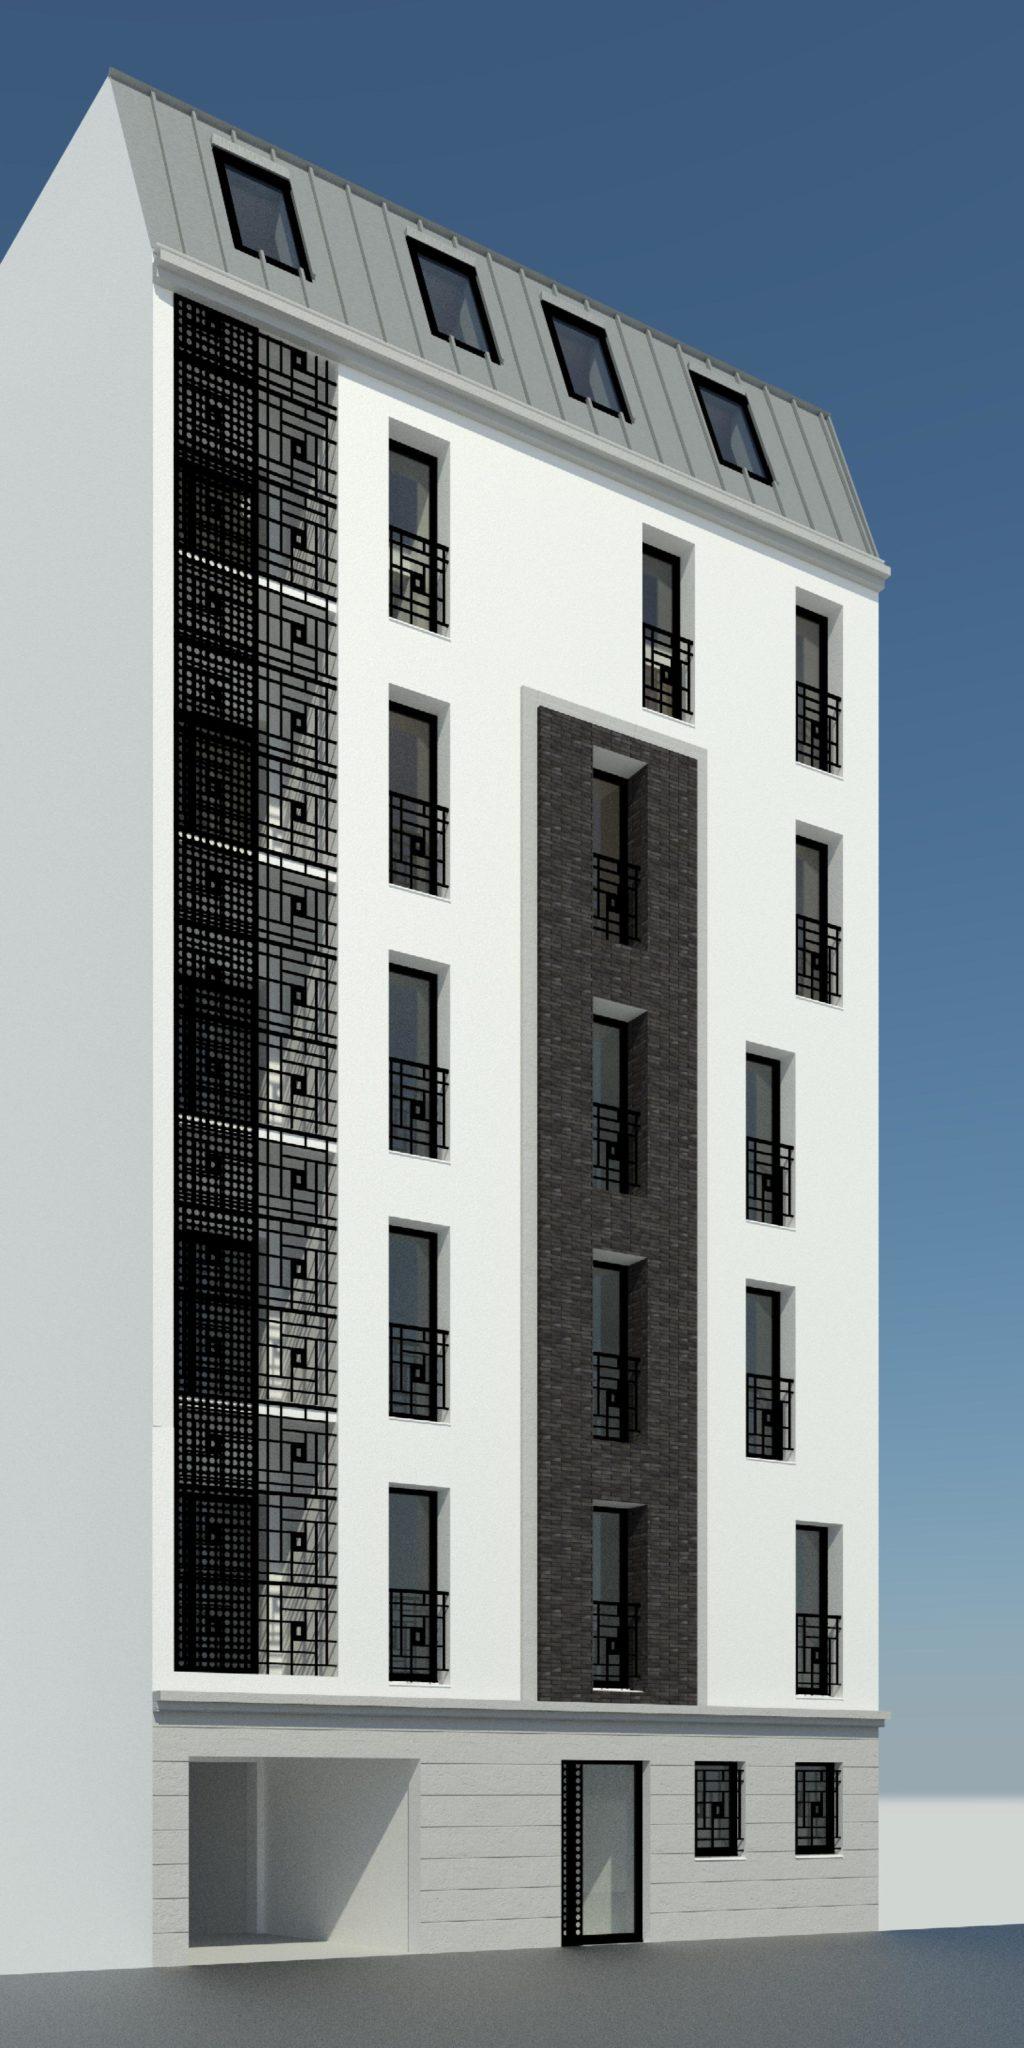 Plan 3d d'un immeuble en construction sur plusieurs niveaux